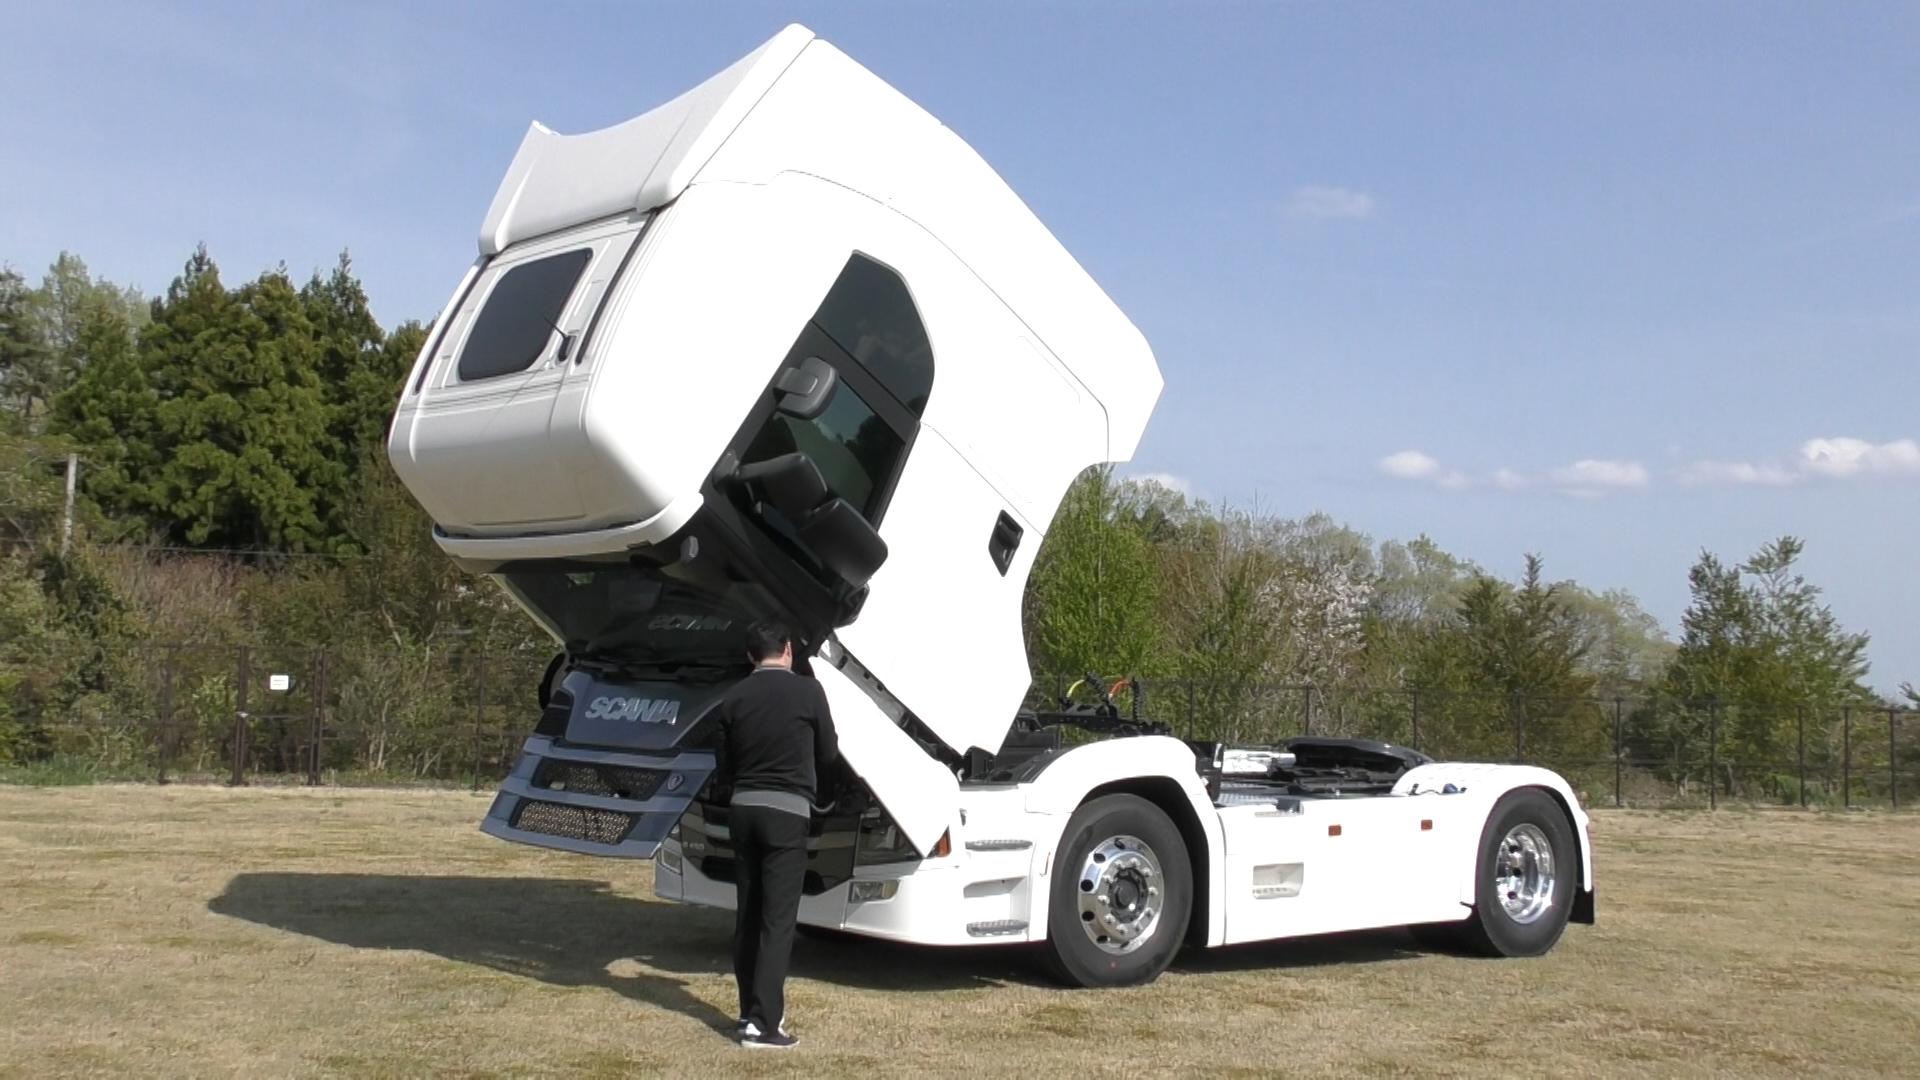 「大型トラックは運転席を丸ごと前倒しできるって知ってました?【新型スカニア・R450】」の10枚目の画像